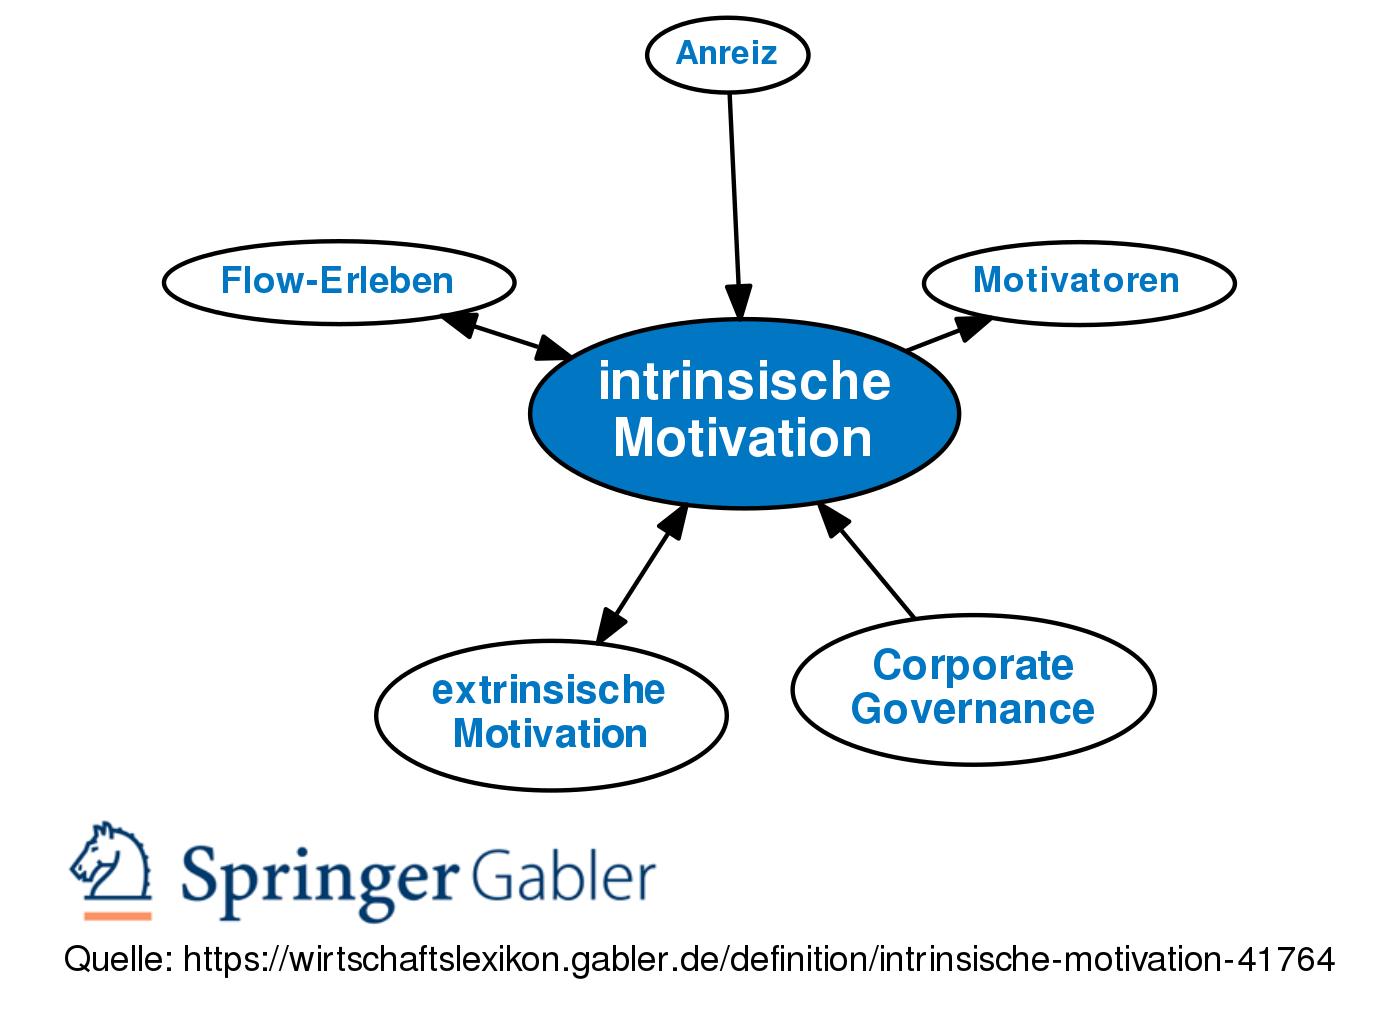 Neueste für Extrinsische Motivation Unternehmen - Frases